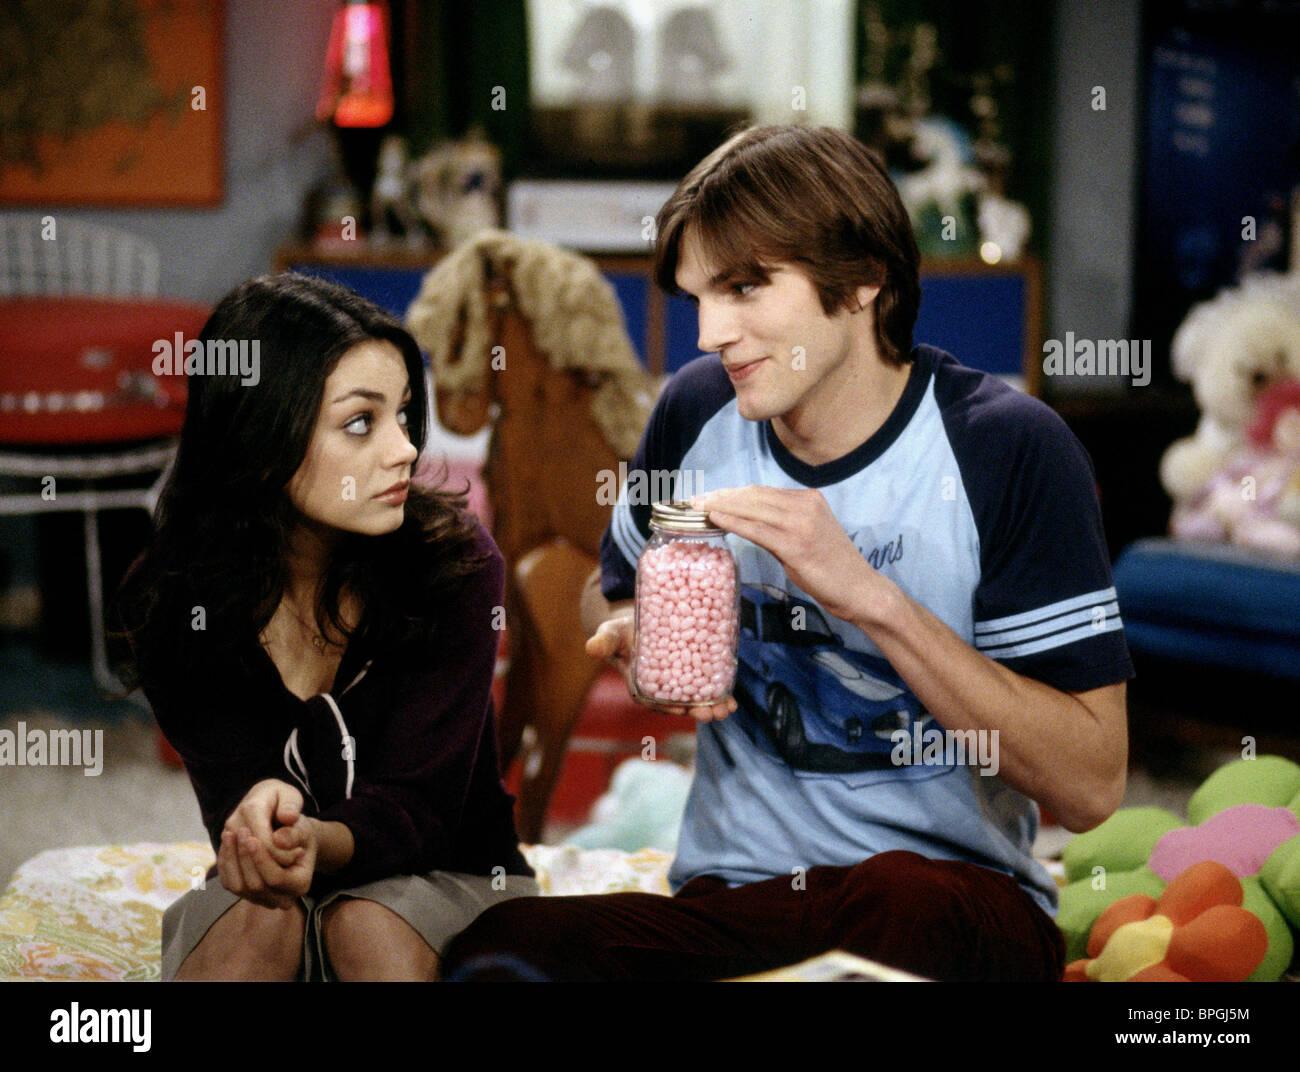 Are evan und dodie dating